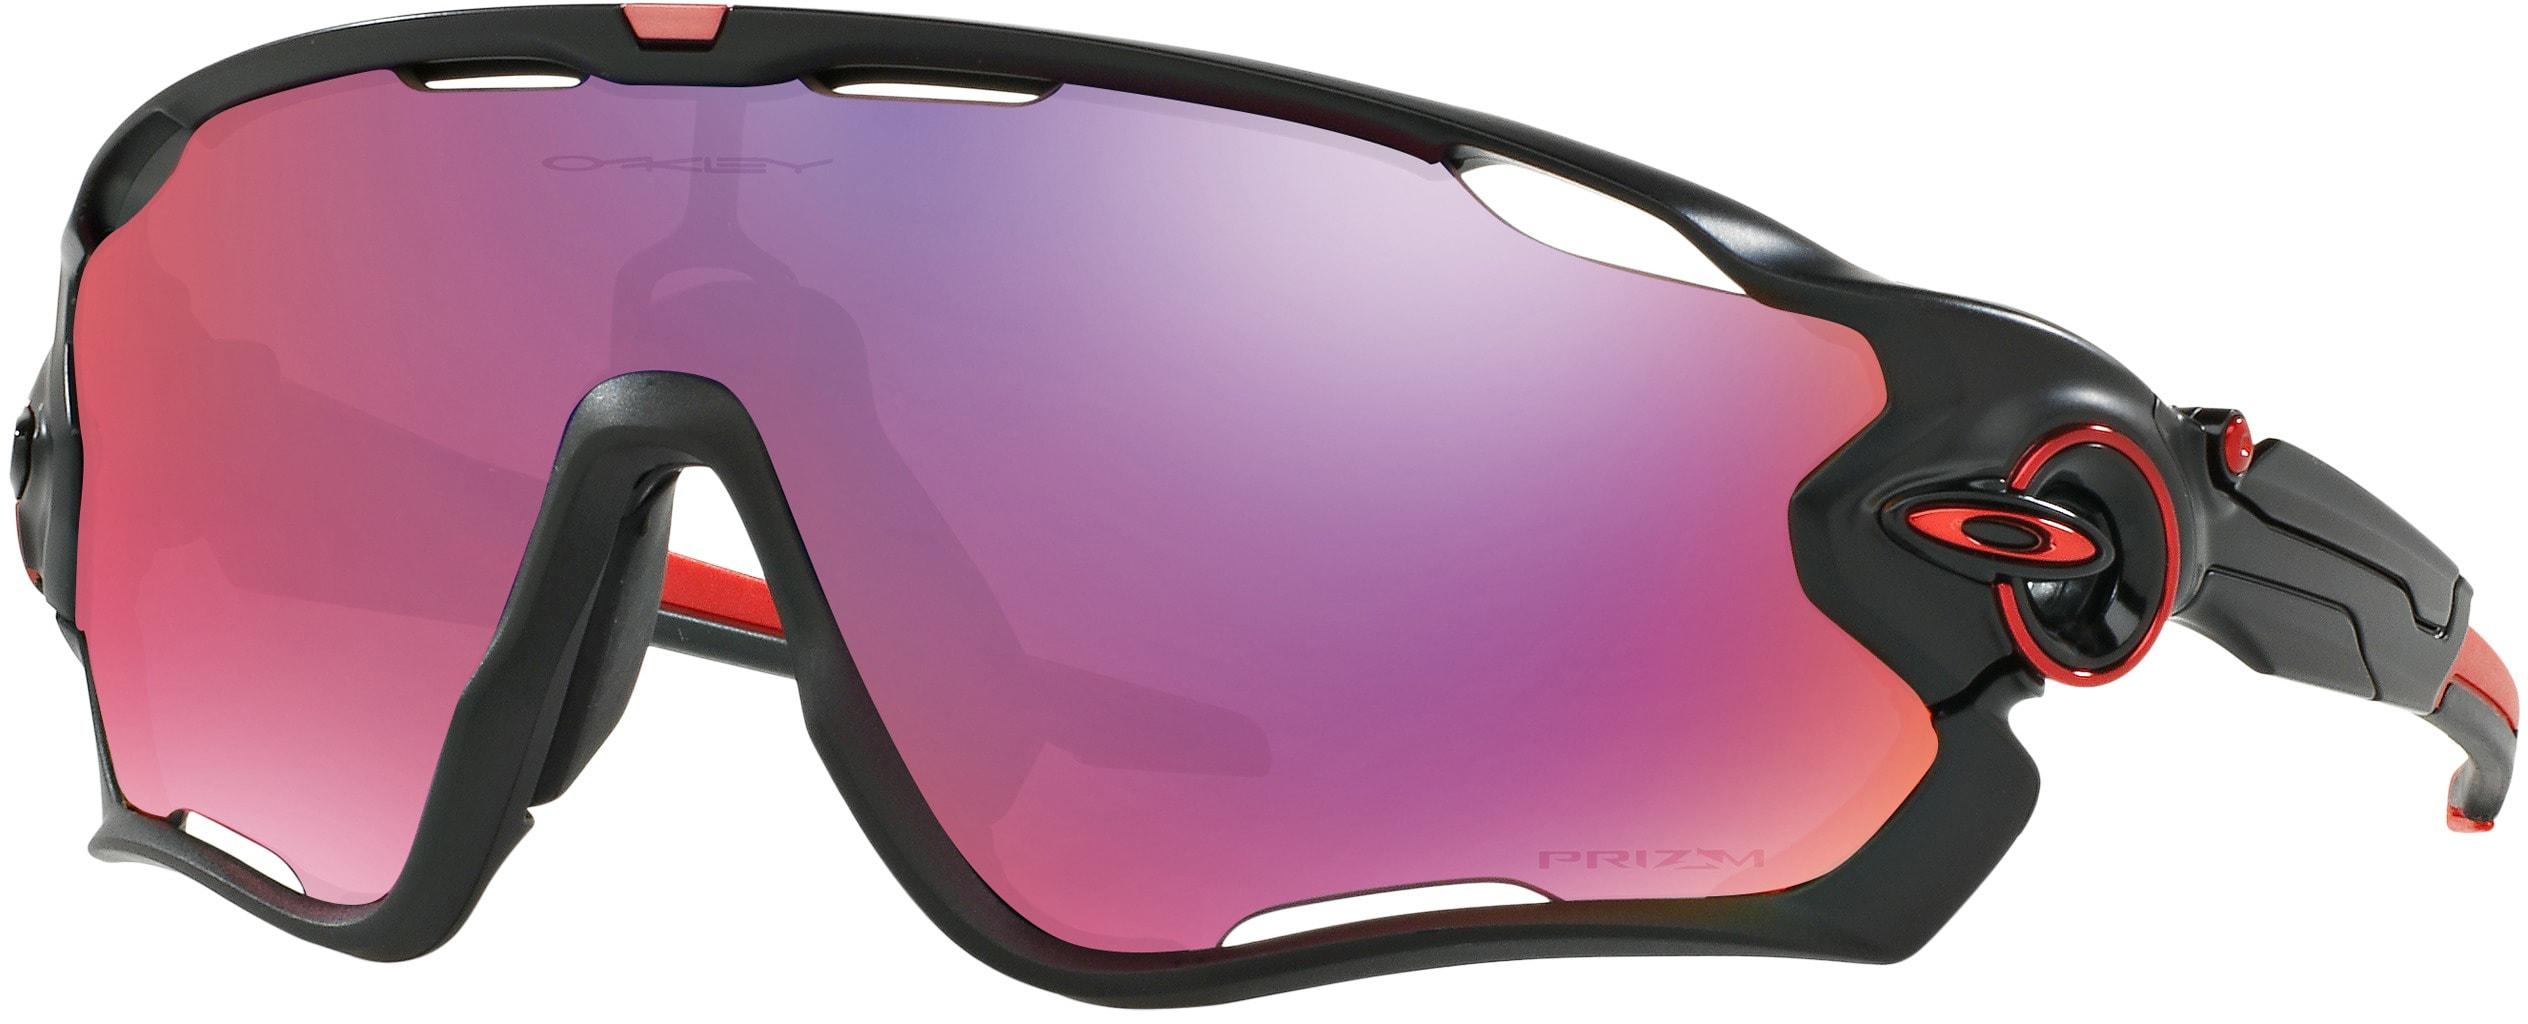 On Sale Oakley Jawbreaker Sunglasses